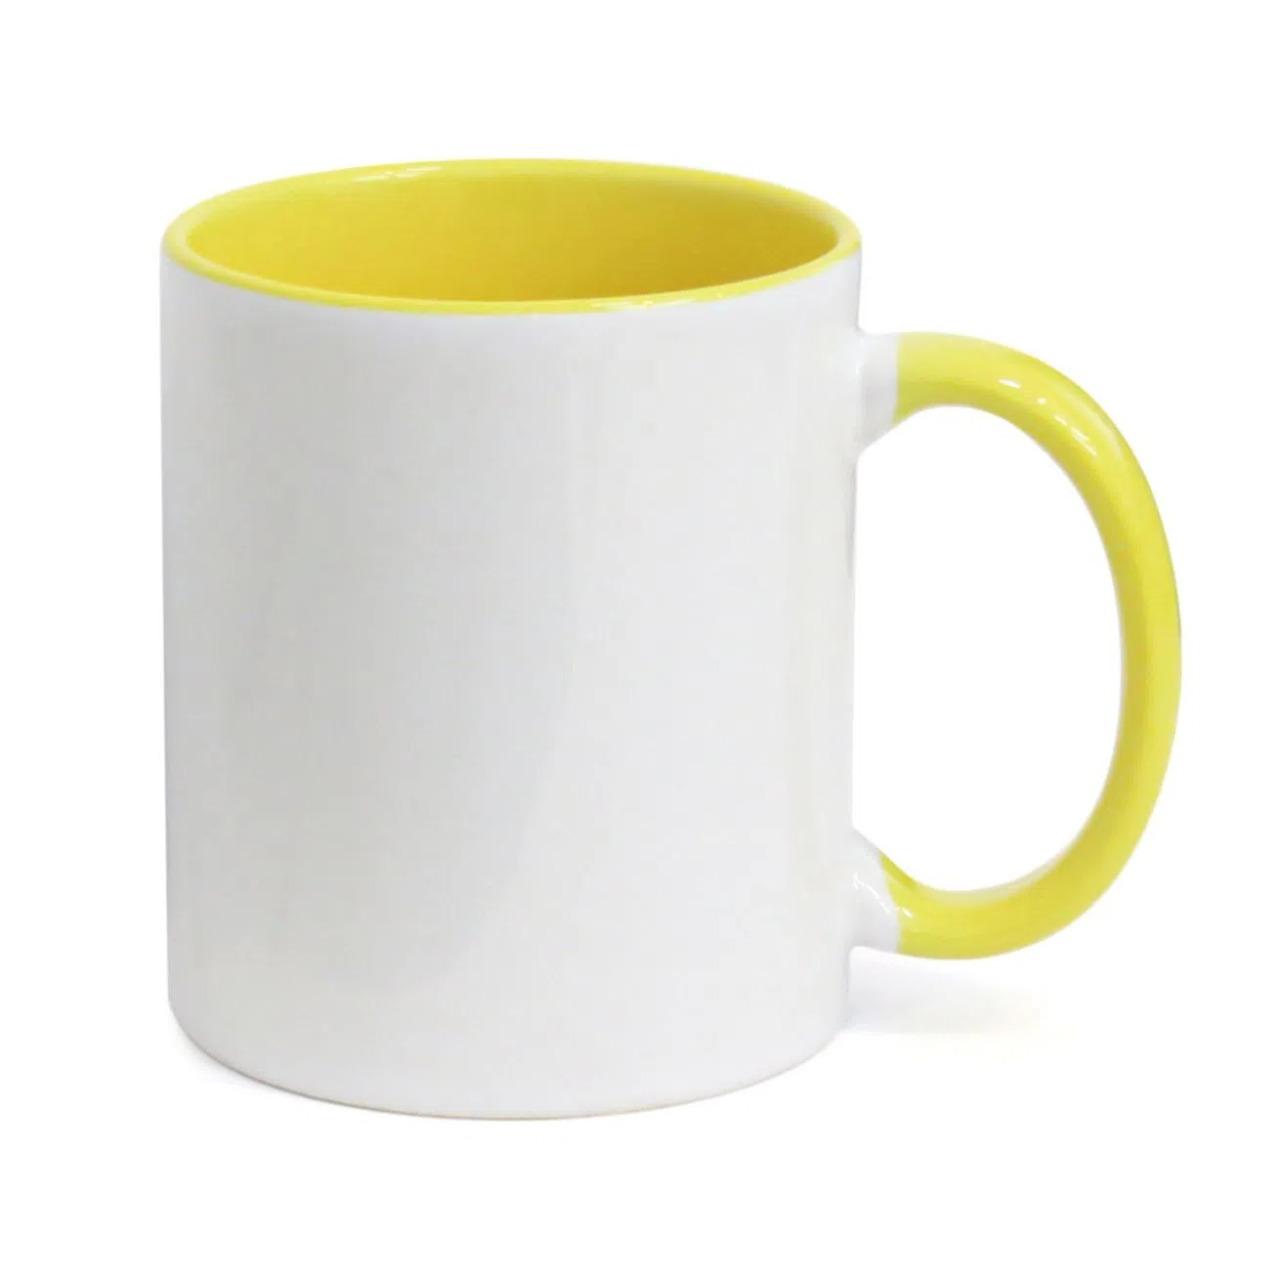 6 Canecas com Interior E Alça Amarela Colorida Porcelana Sublimação 325ml